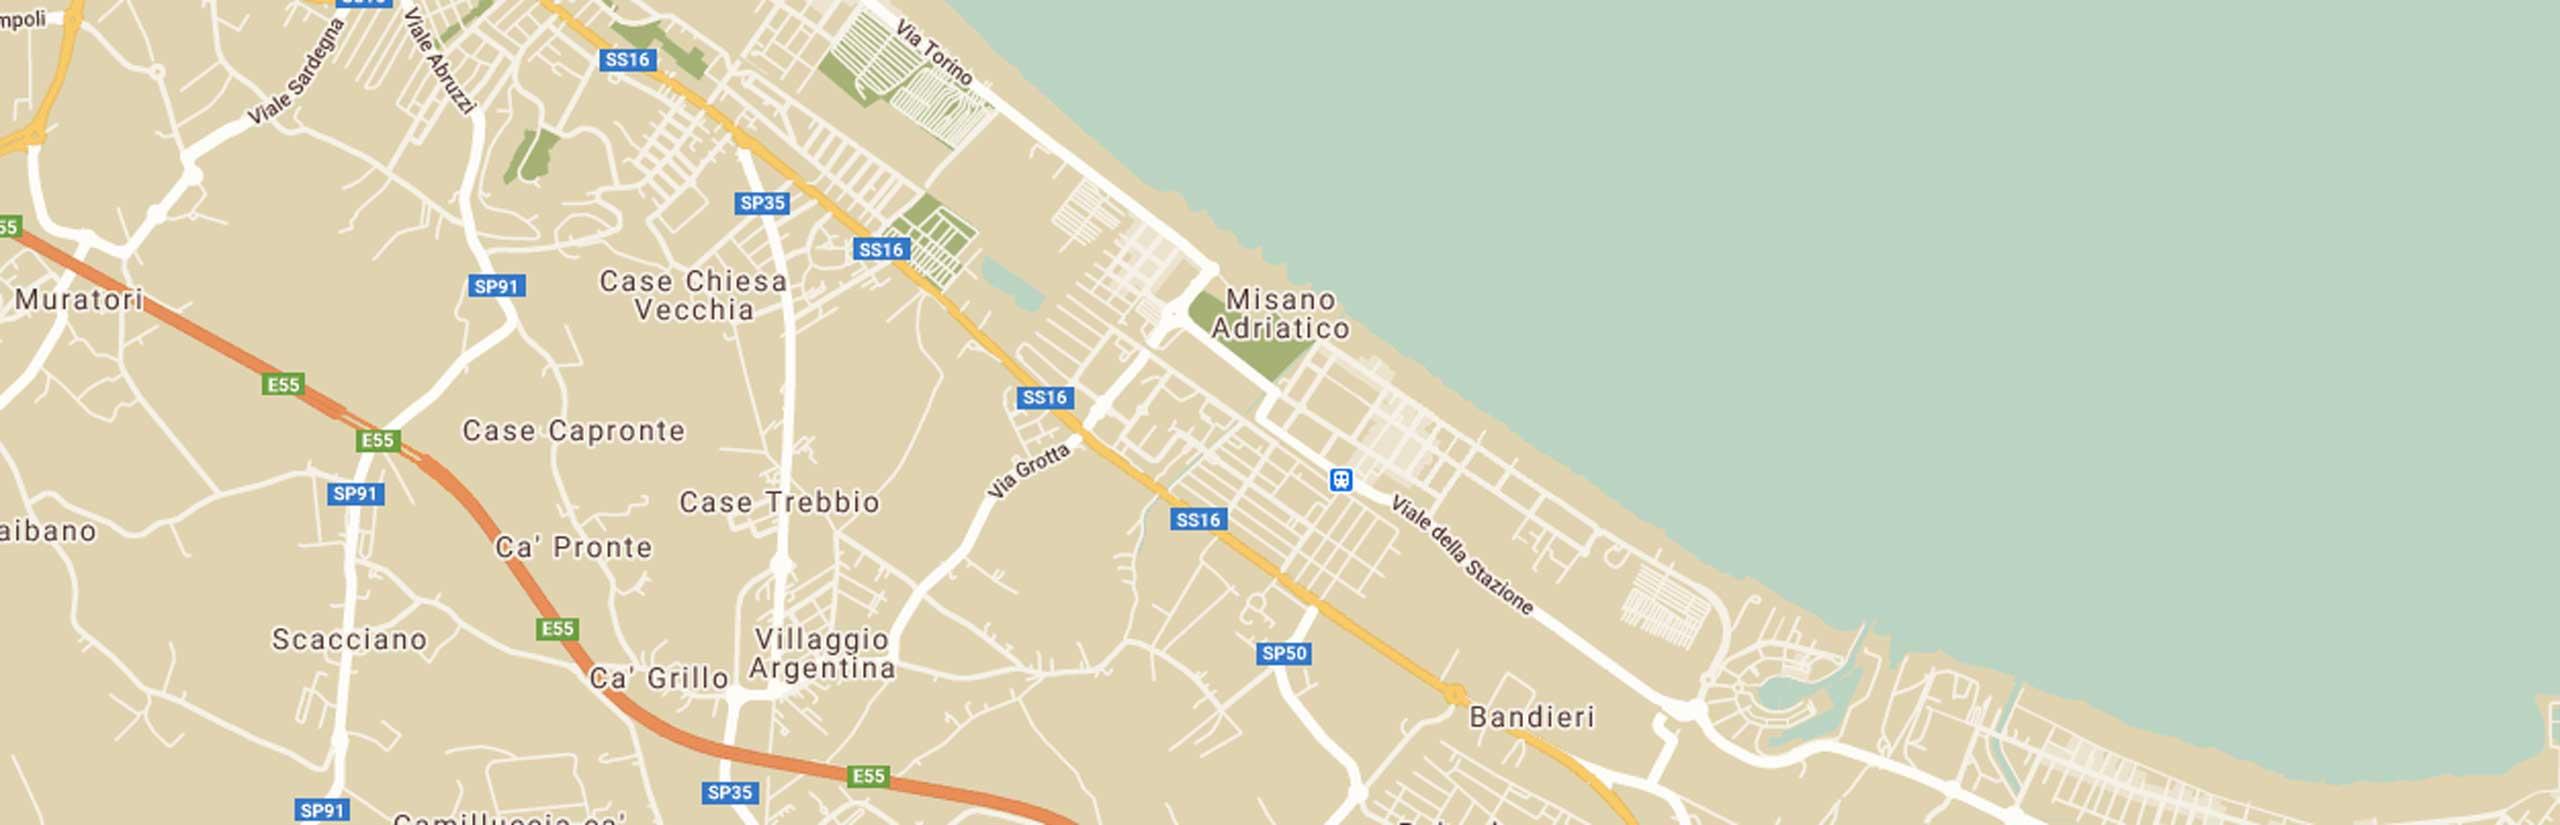 Cartina Riviera Romagnola.Cosa Fare A Misano Adriatico Visitare Misano Idee Spiagge Itinerari Eventi